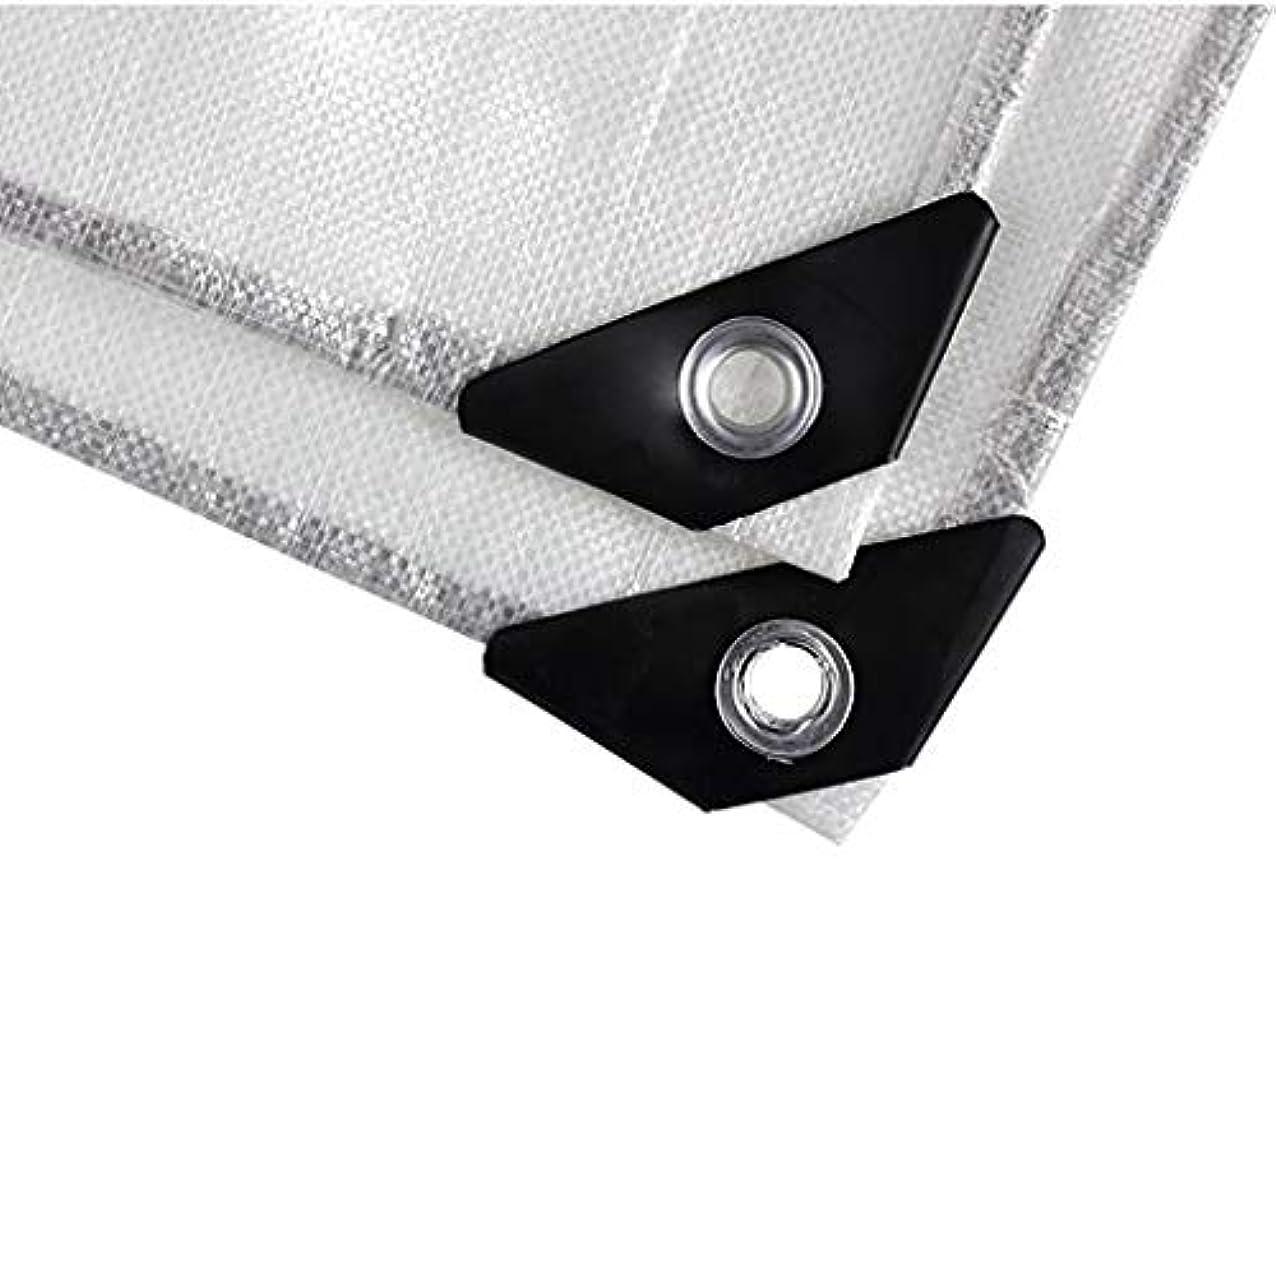 誘惑会社勧めるタープ ハンモックタープヘビーデューティターポリン(グロメットと強化エッジ付き)、プラスチック製タープ4m×4m 15ミル厚 テント (Color : White, Size : 4m×4m)